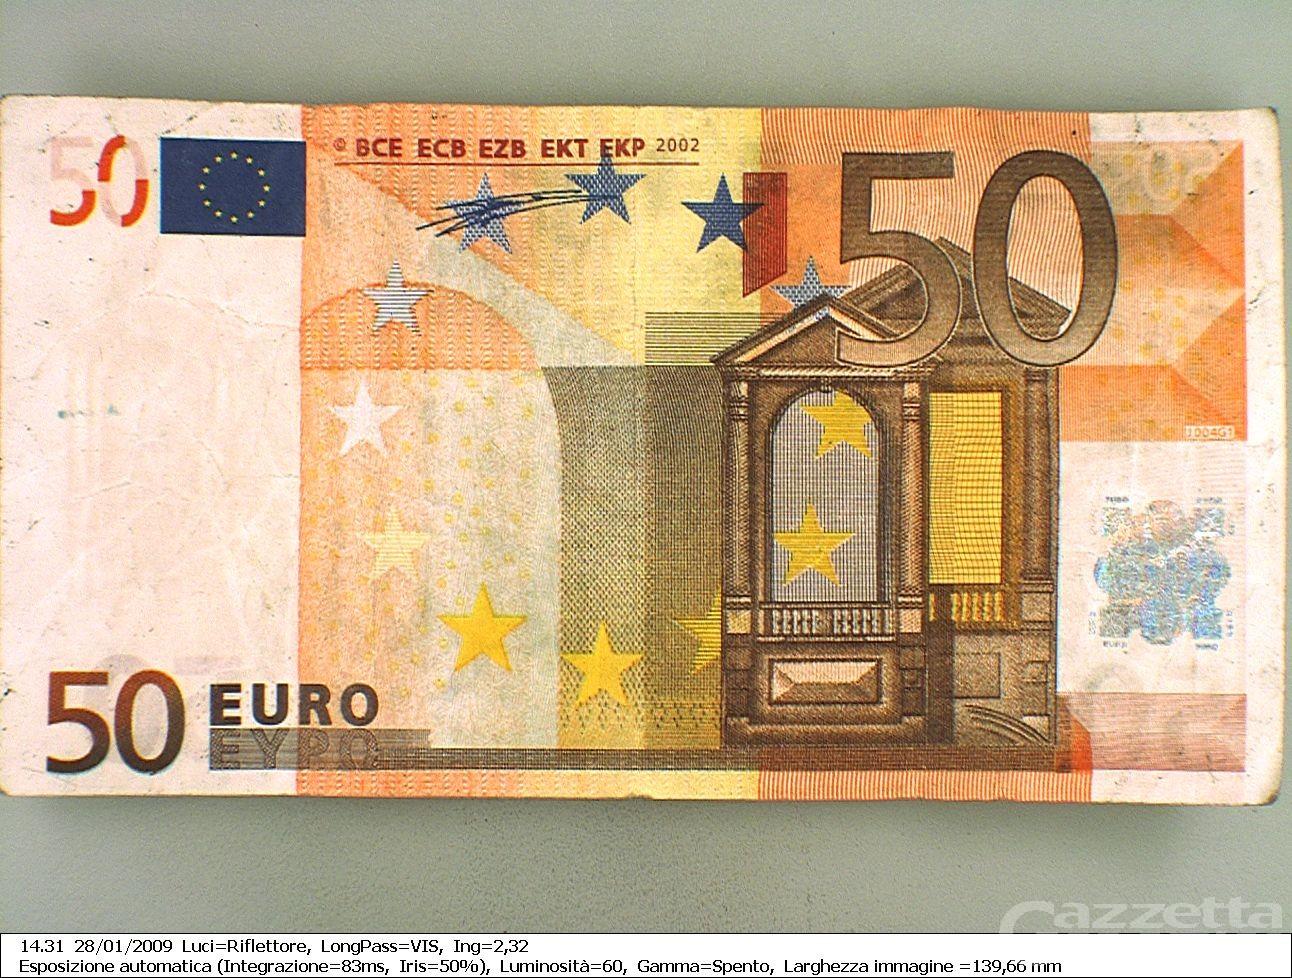 Attenzione! Banconote false in circolazione